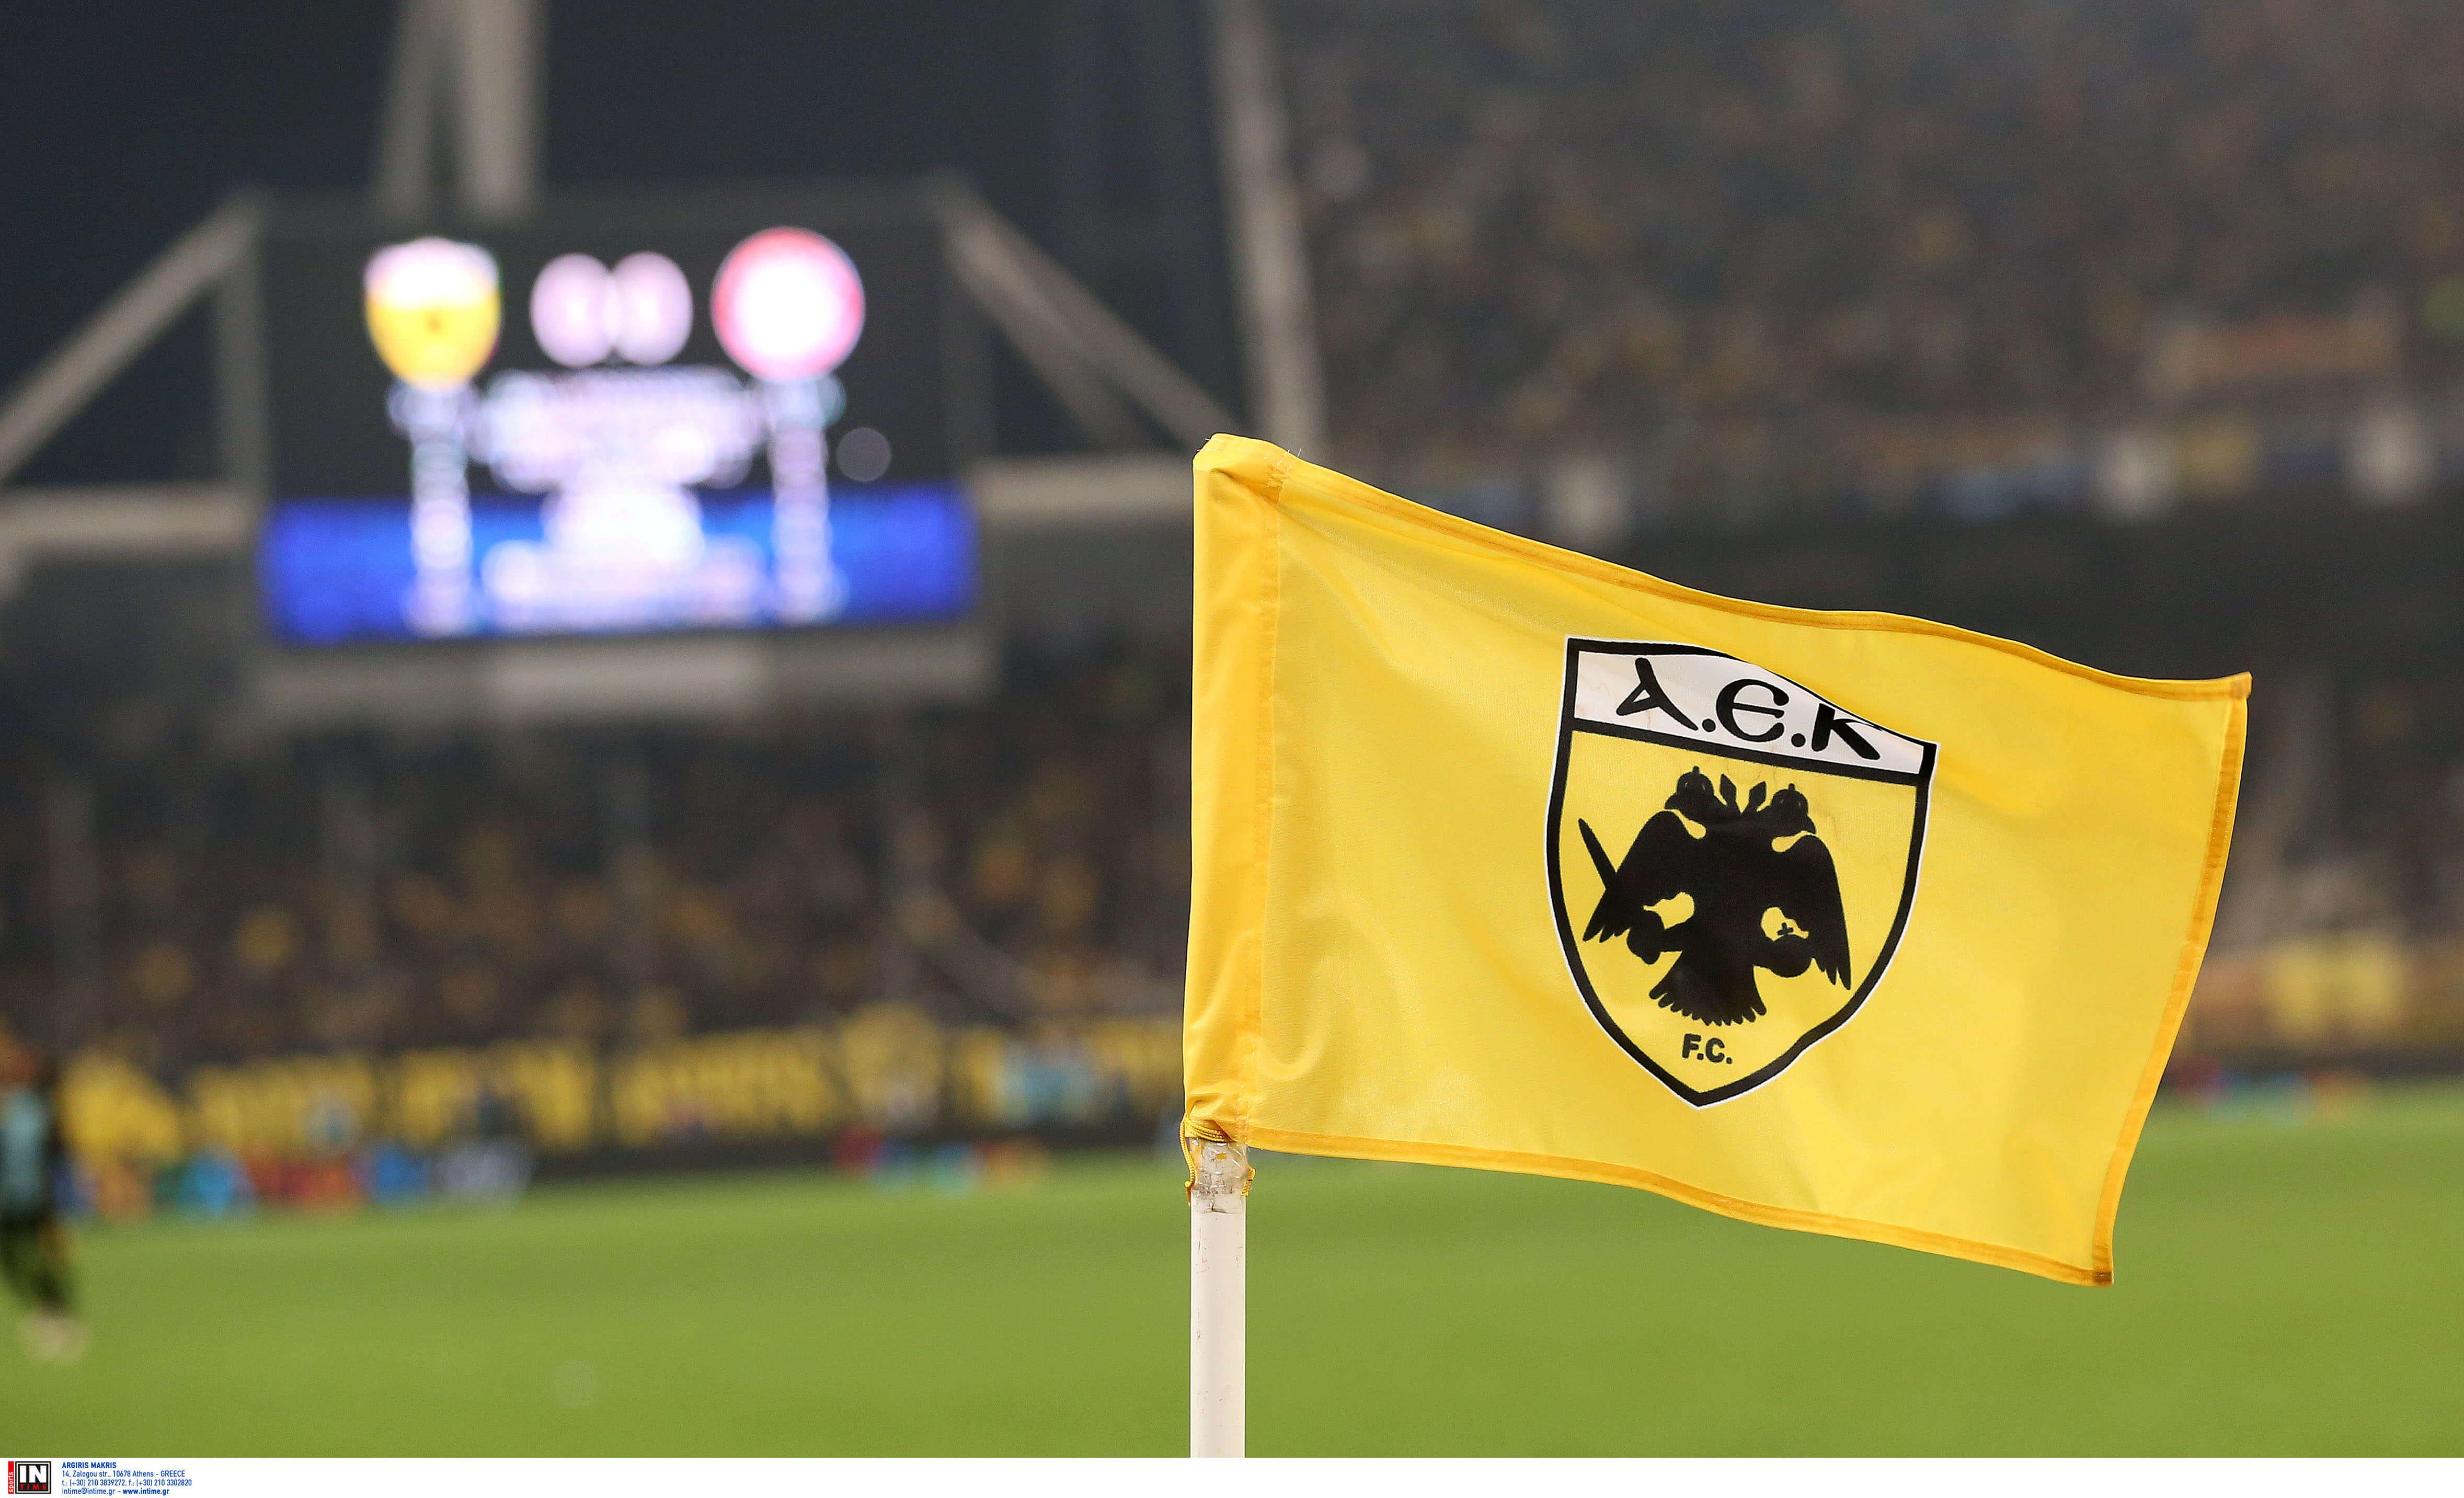 """ΑΕΚ: """"Απόφαση ευθύνης η αναβολή των πλέι οφ! Η ζωή είναι πάνω από το ποδόσφαιρο"""""""